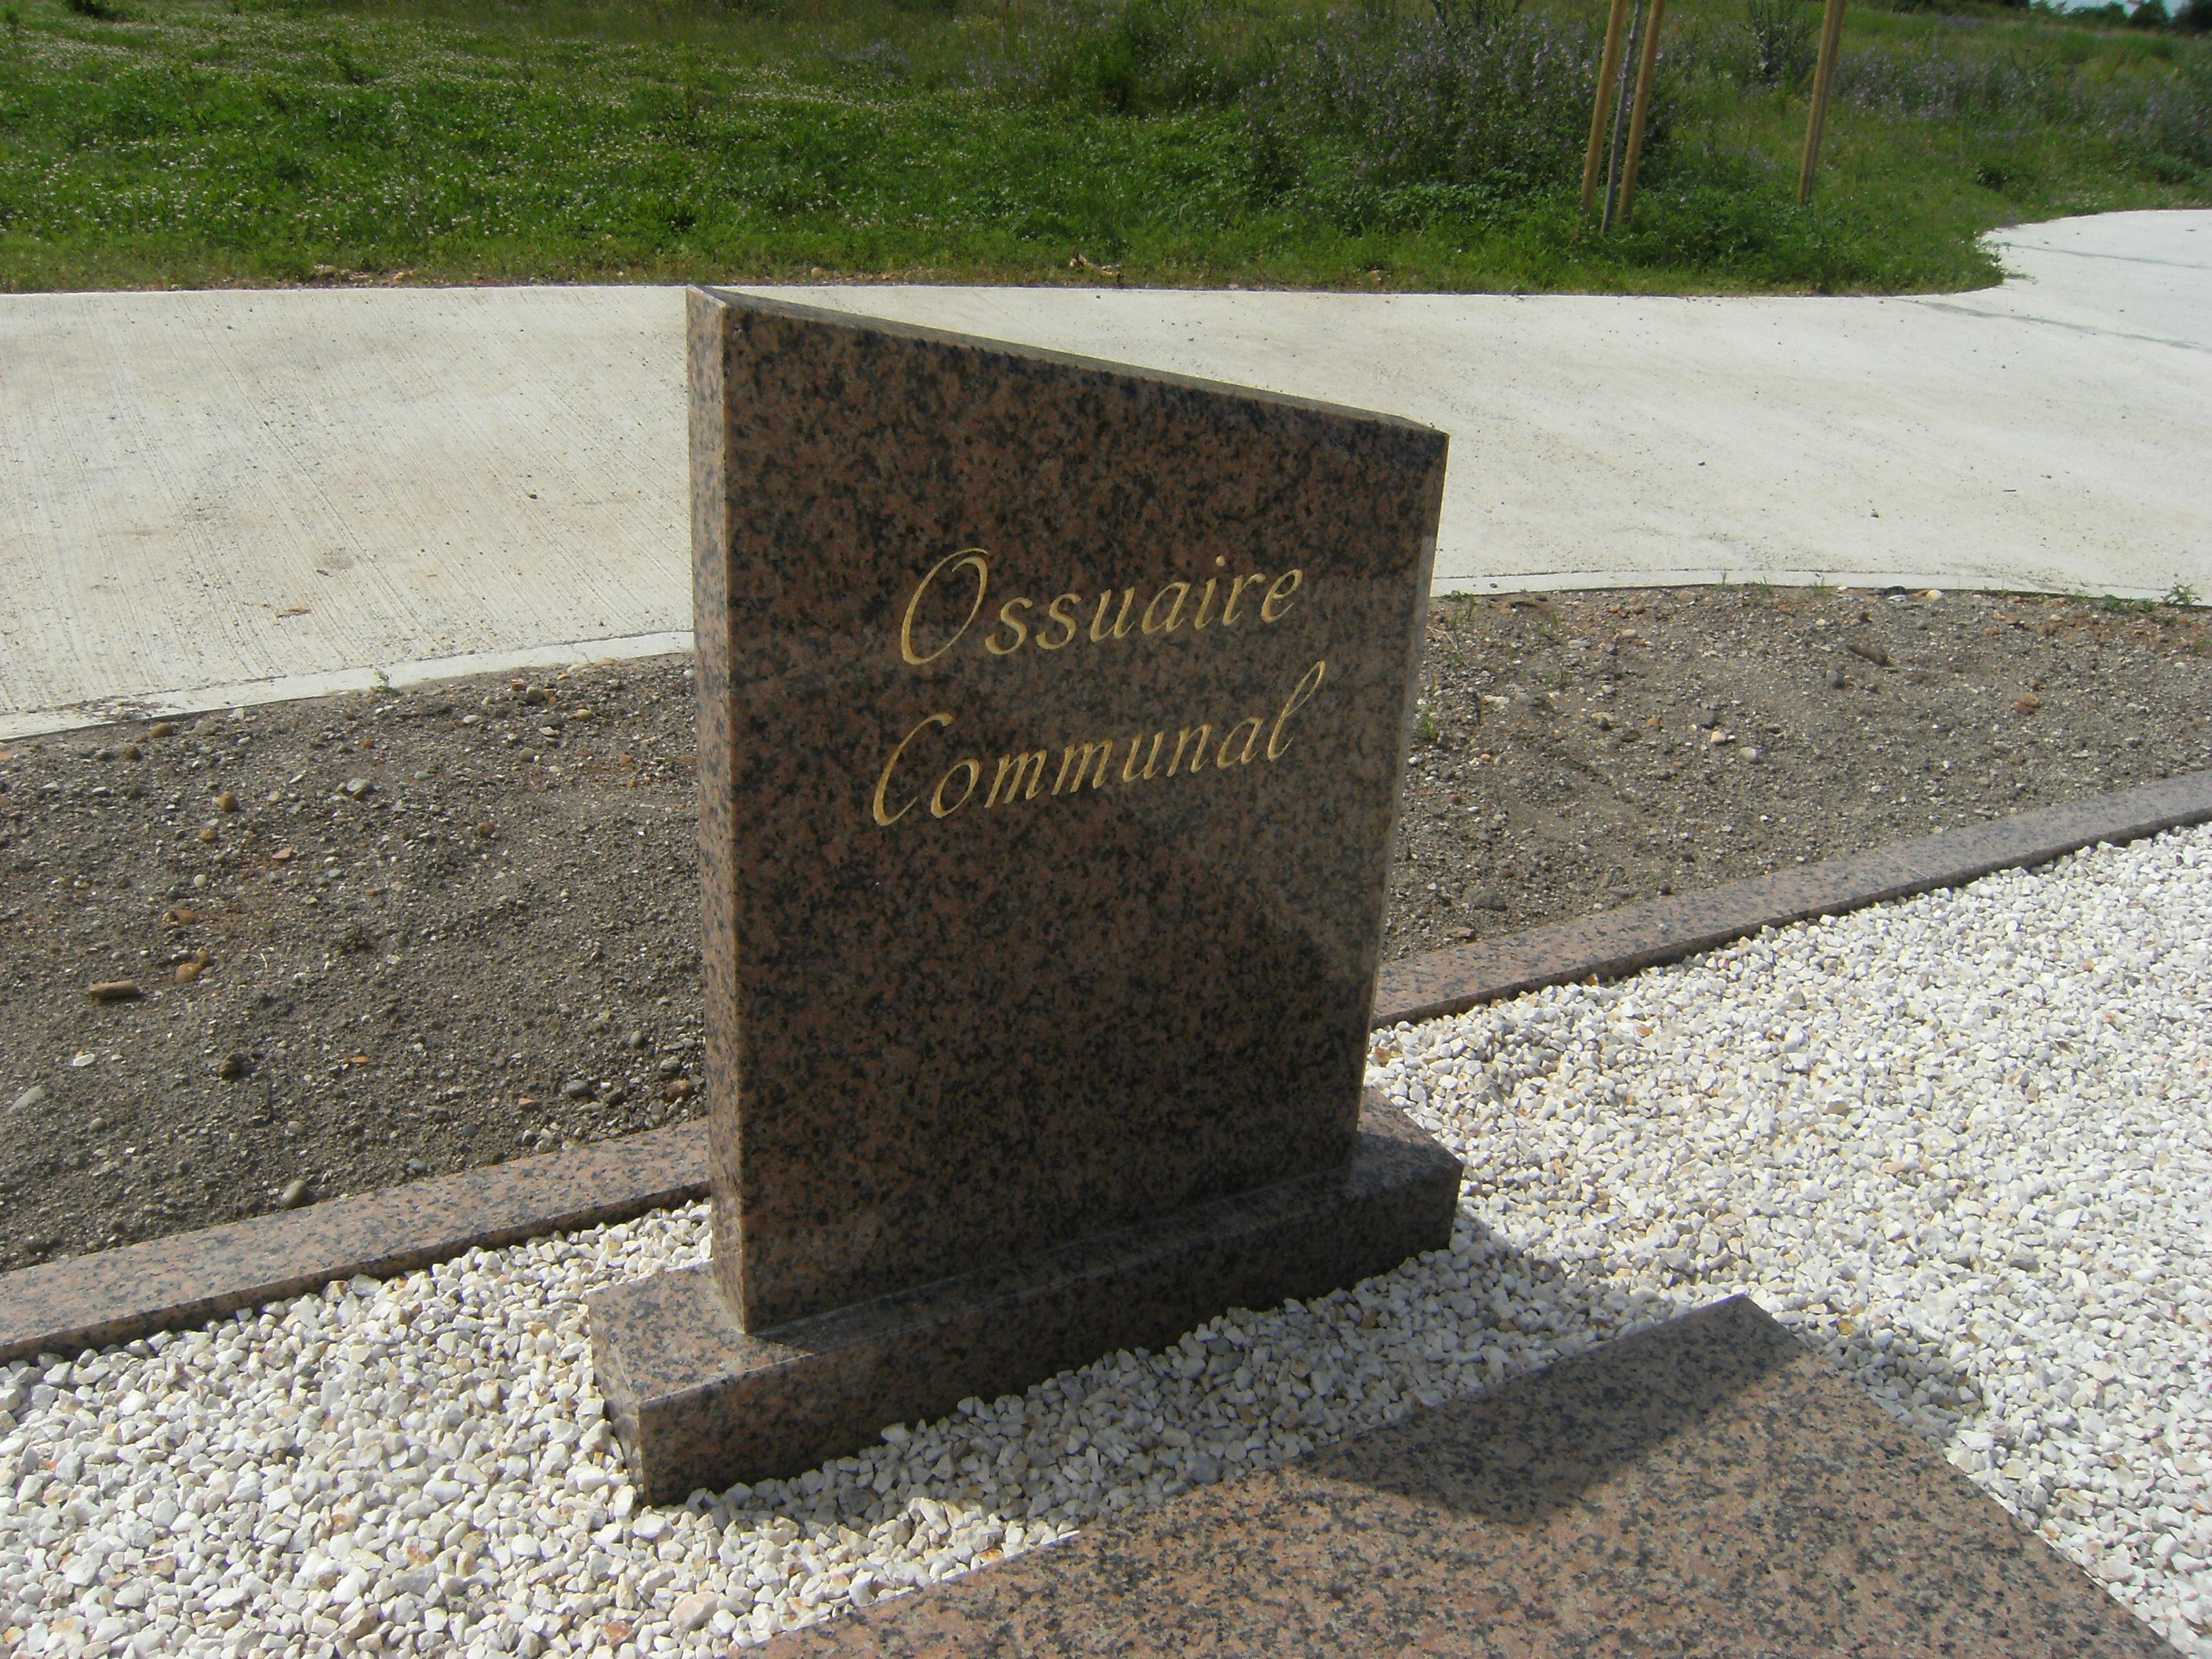 Réalisation d'un ossuaire communal